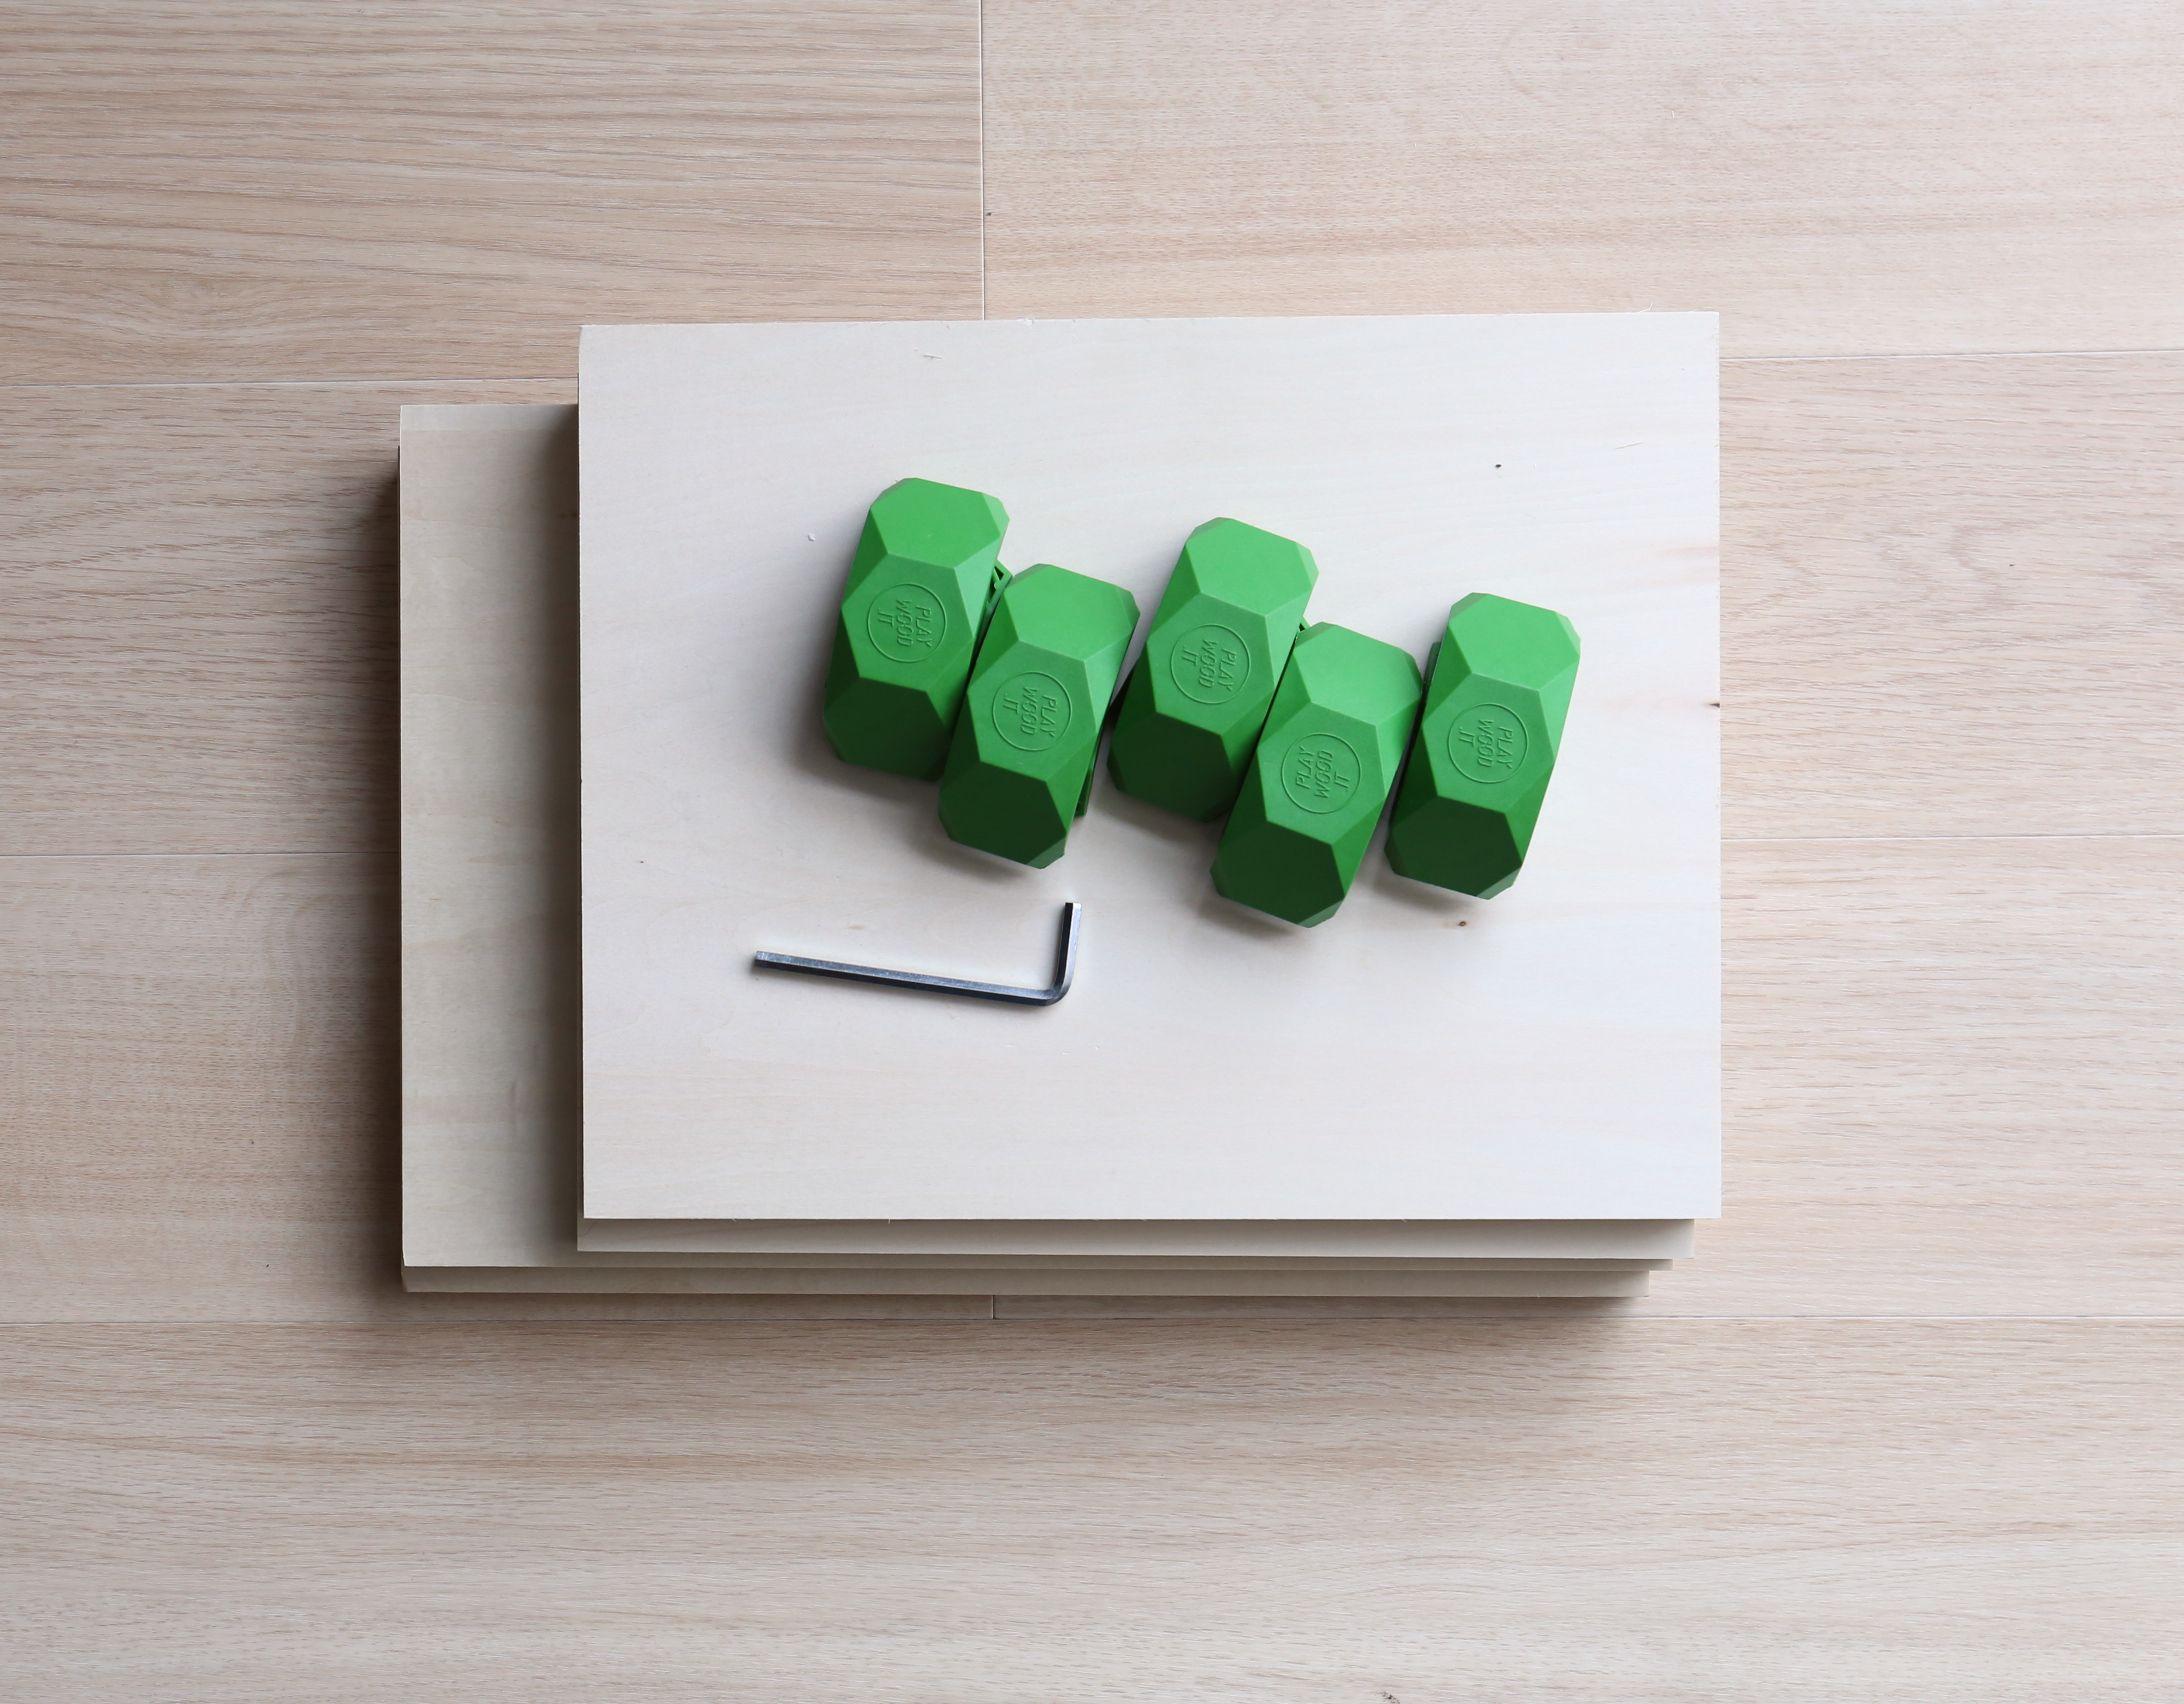 六角レンチと木材だけで自由に家具を組み立てることが可能です。